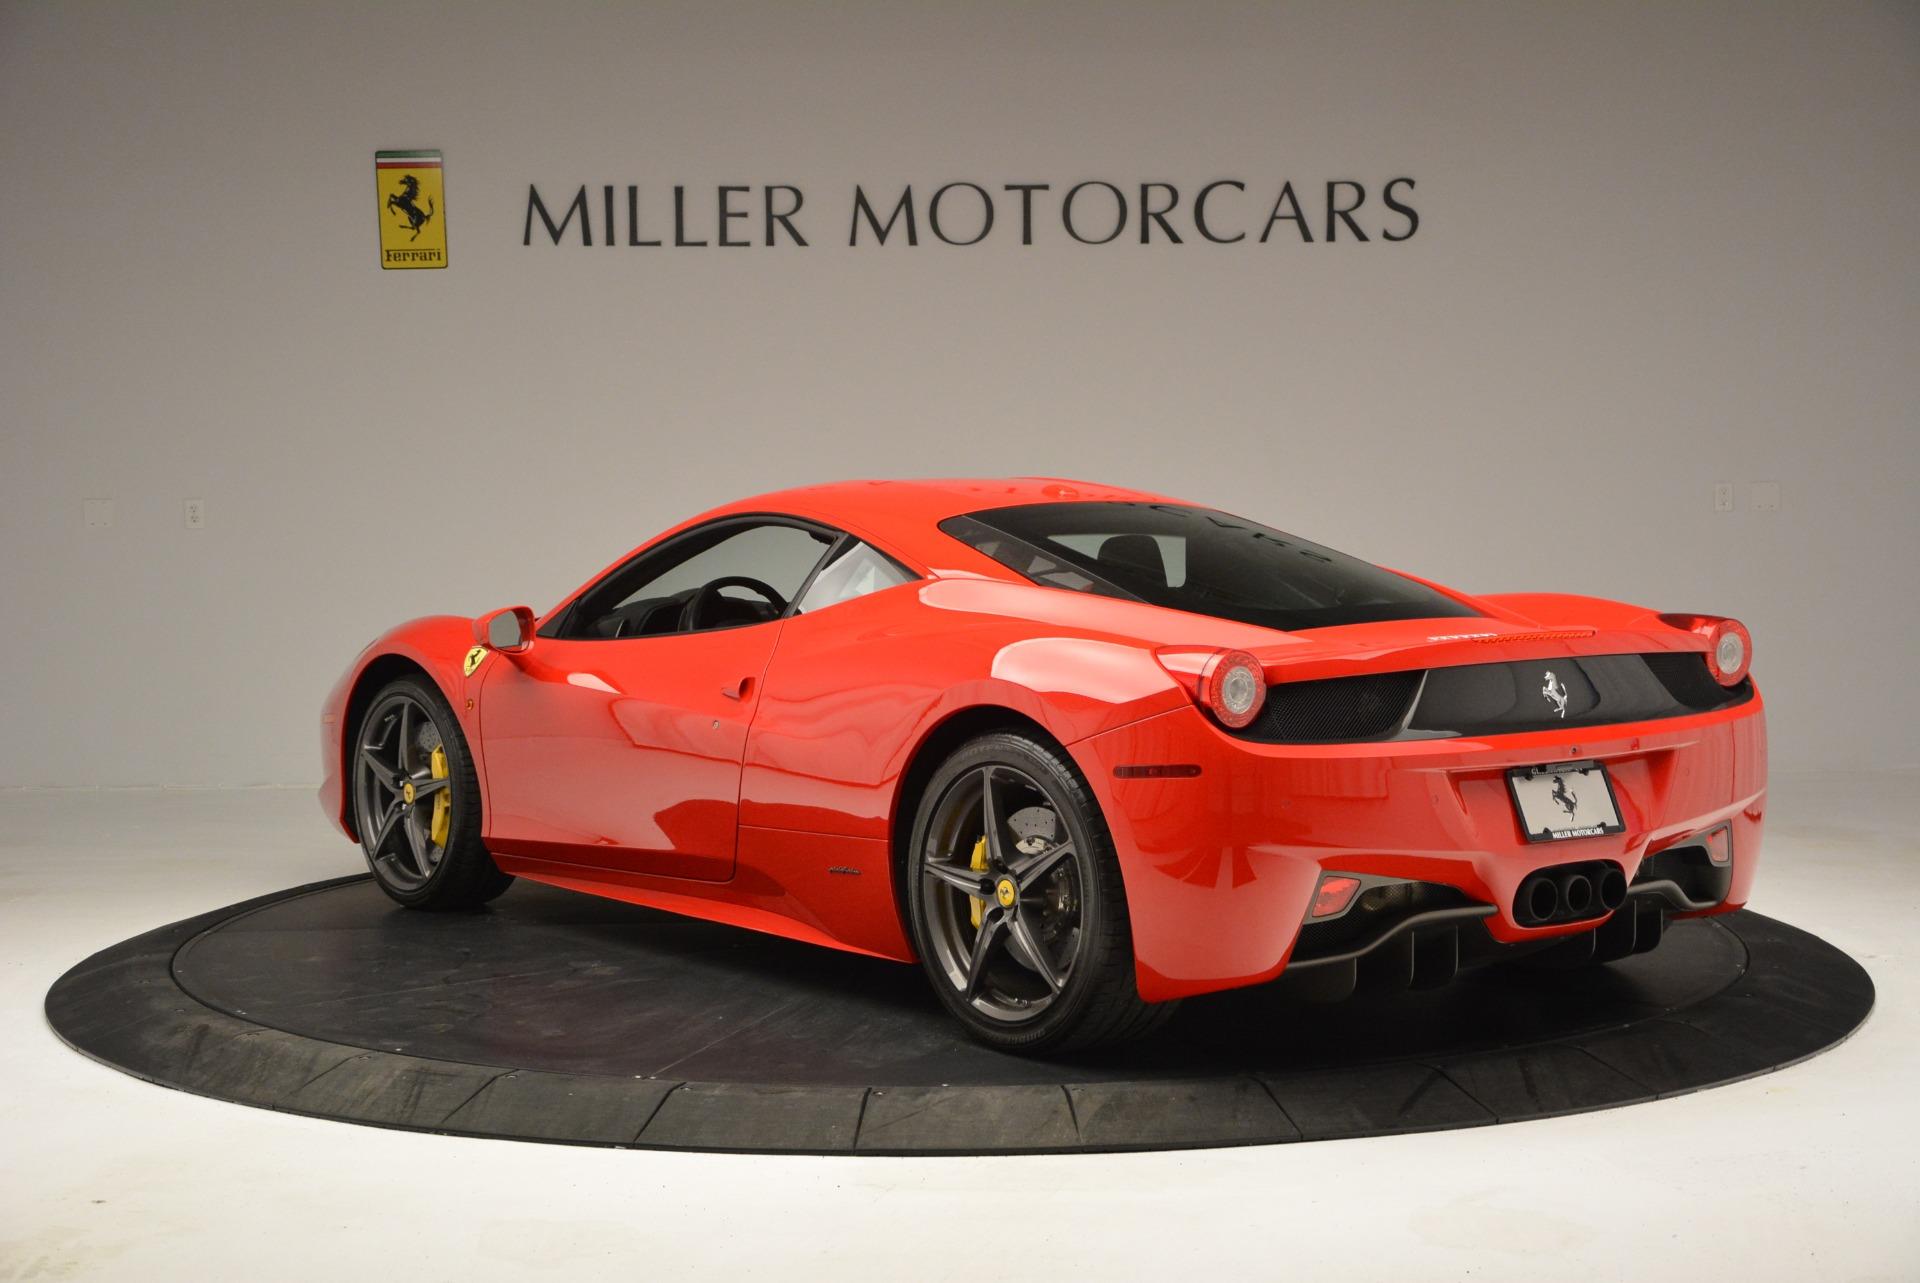 Pre Owned 2013 Ferrari 458 Italia For Sale Miller Motorcars Stock 4586a